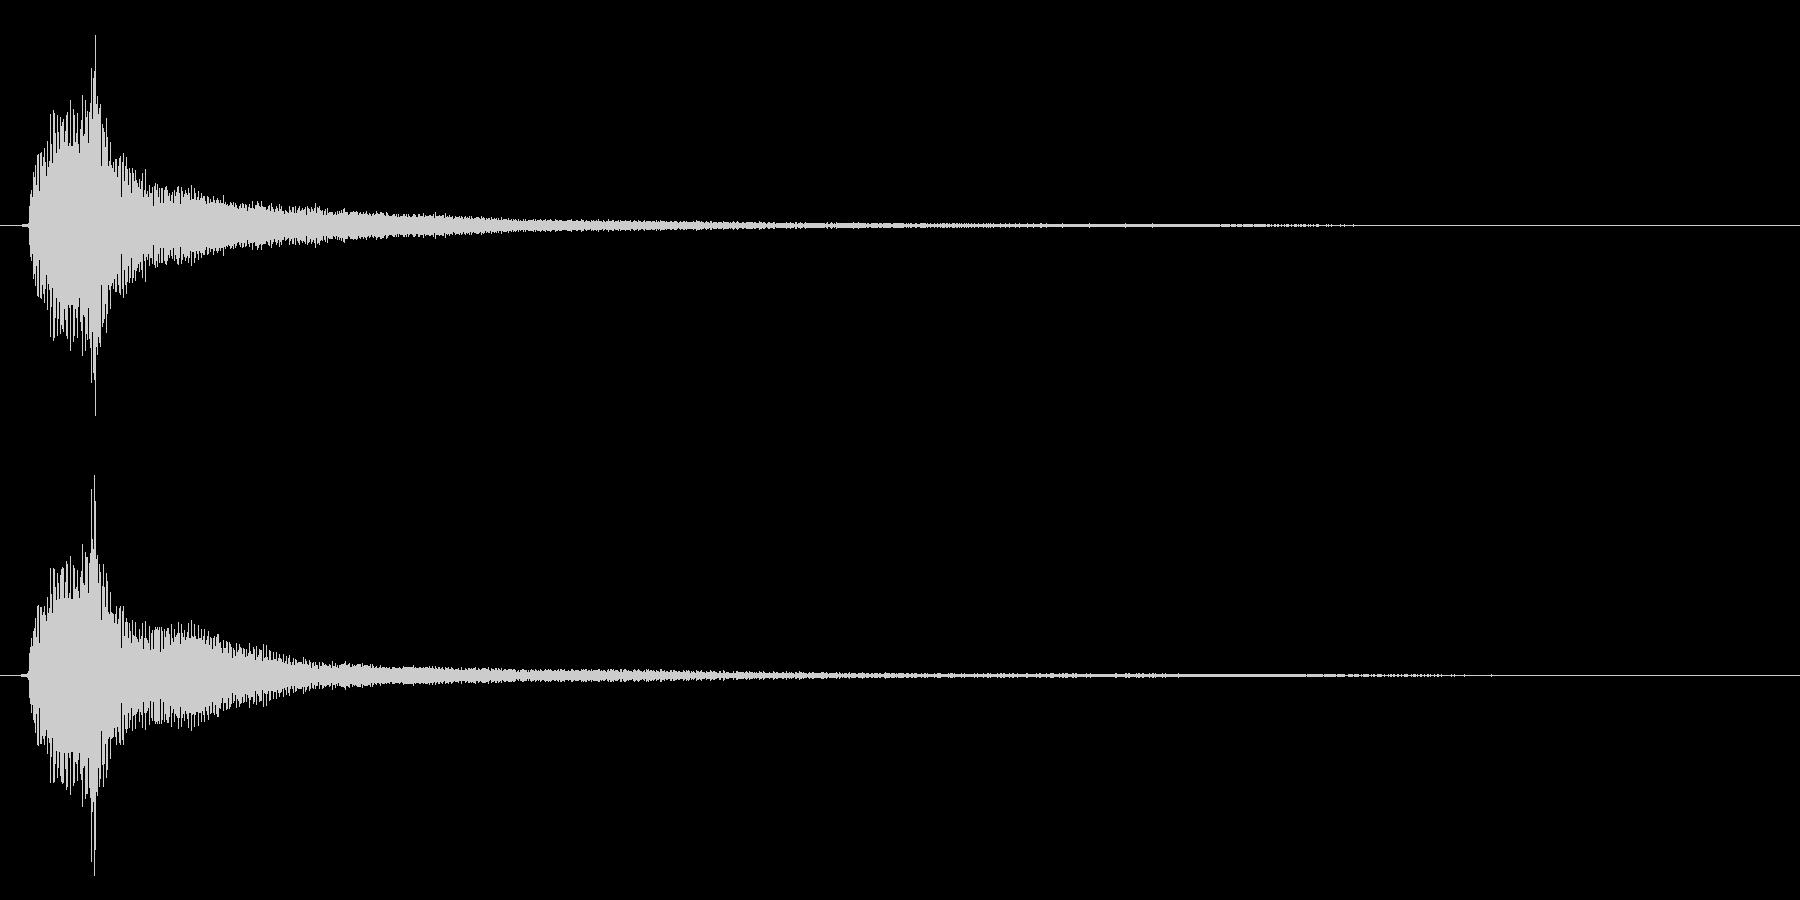 アコギのハーモニクス/ポーン(残響長め)の未再生の波形